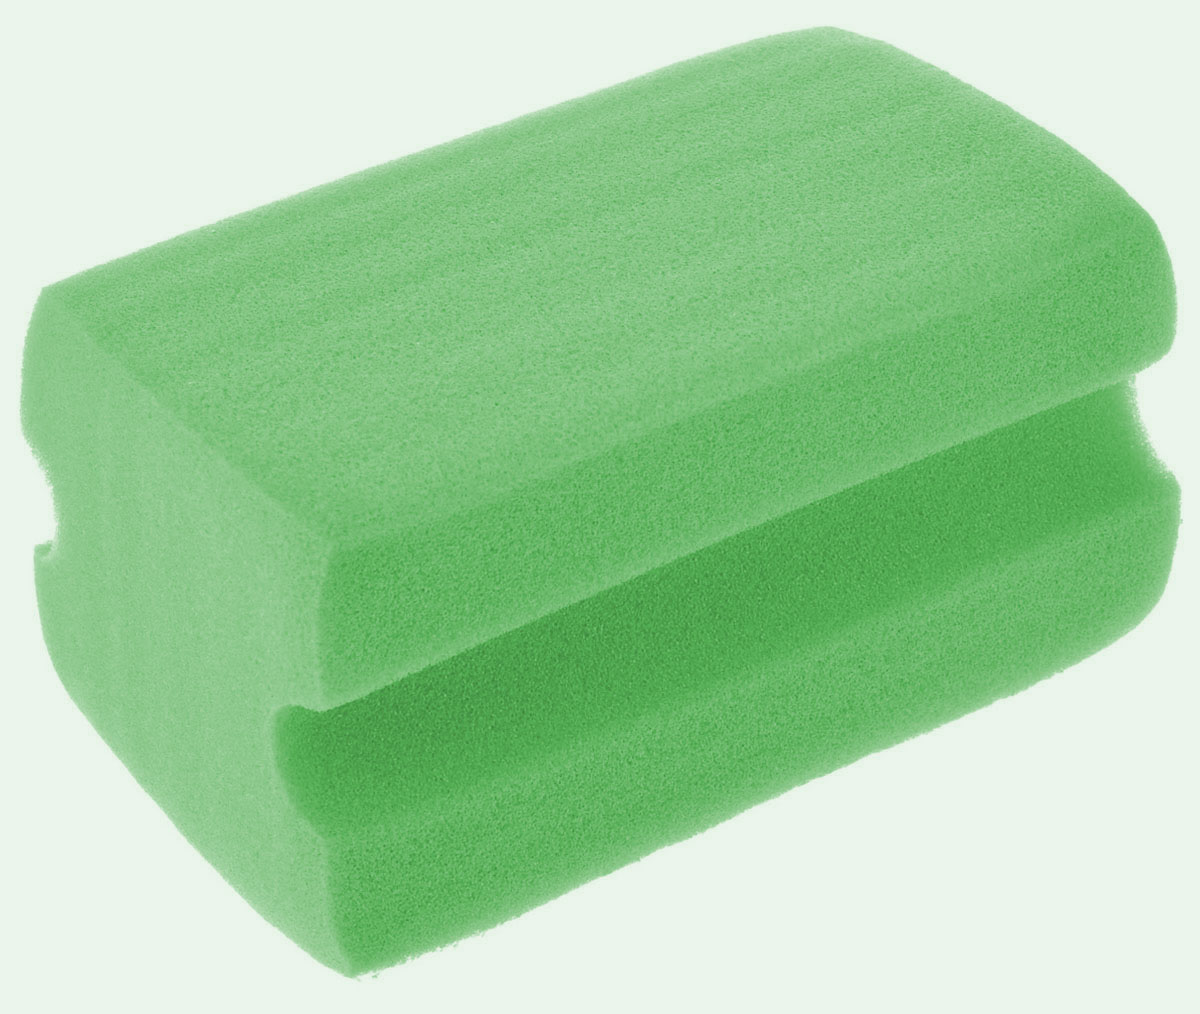 Губка для мытья автомобиля Sapfire Альфа, цвет: зеленый0416-SBUГубка Sapfire Альфа, изготовленная из пенополиуретана, обеспечивает бережный уход за лакокрасочным покрытием автомобиля, обладает высокими абсорбирующими свойствами. При использовании с моющими средствами изделие создает обильную пену. Губка Sapfire Альфа мягкая, способная сохранять свою форму даже после многократного использования.